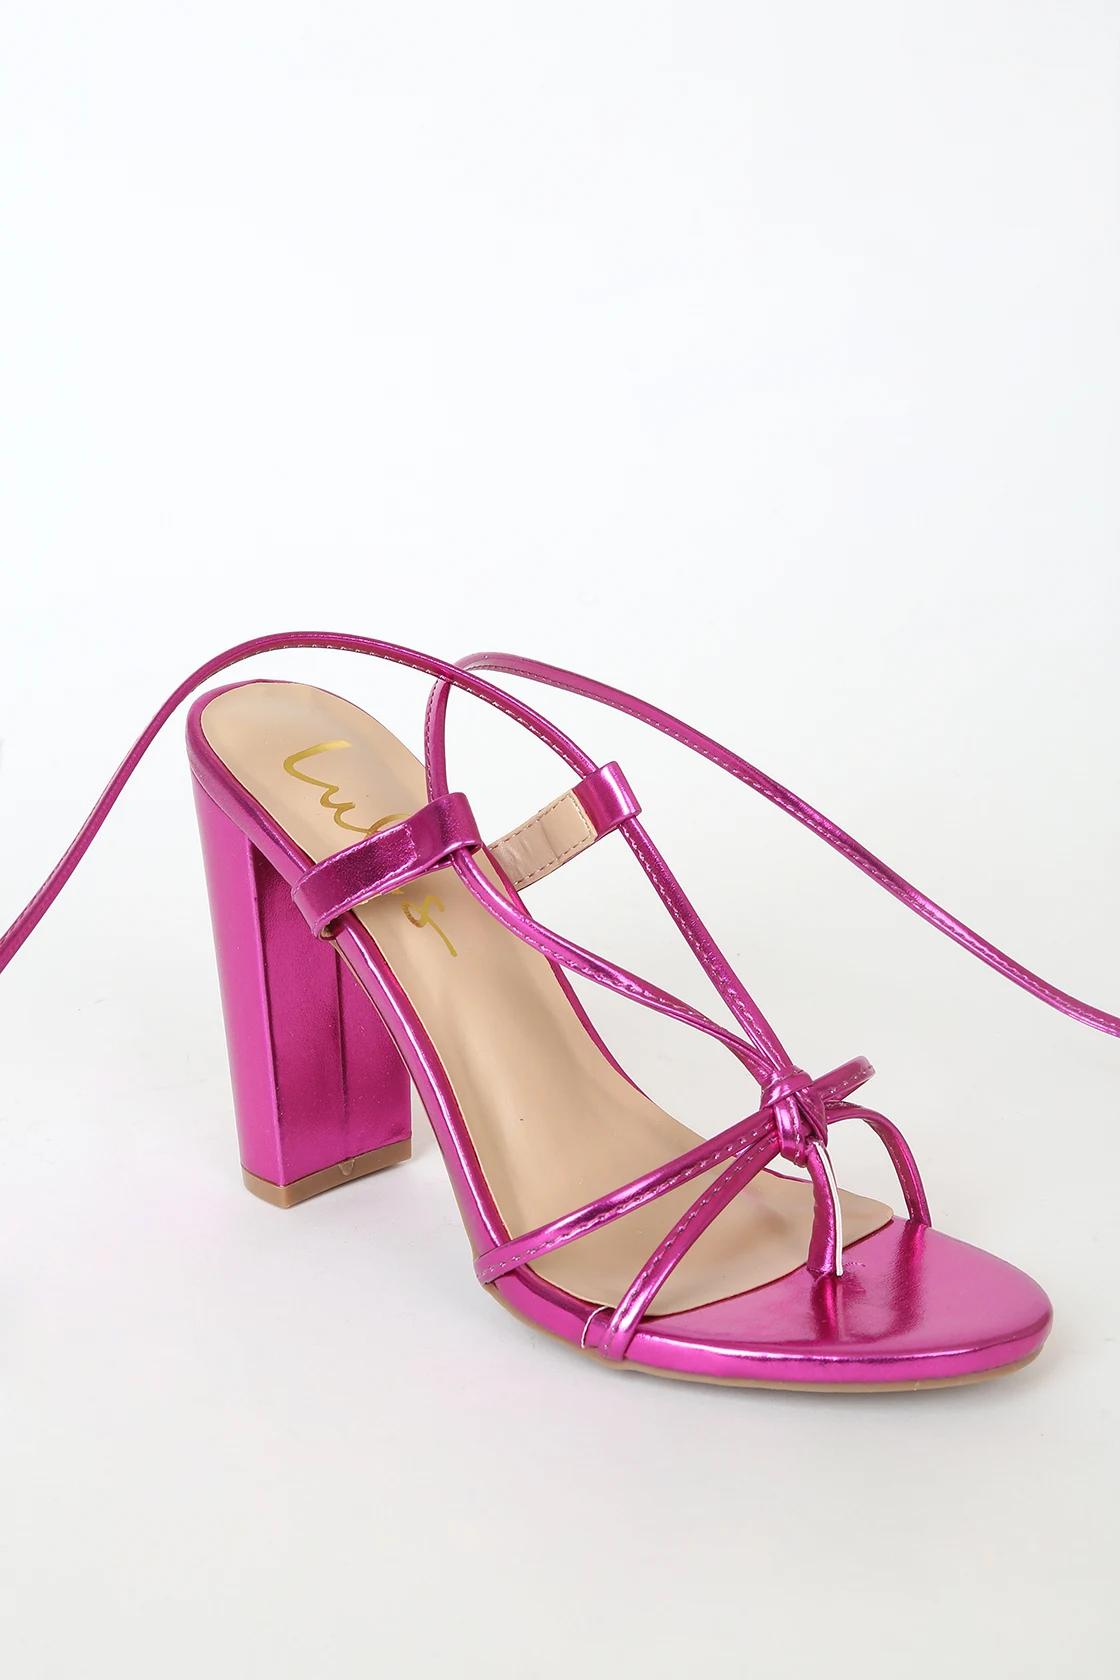 lulus pink heels